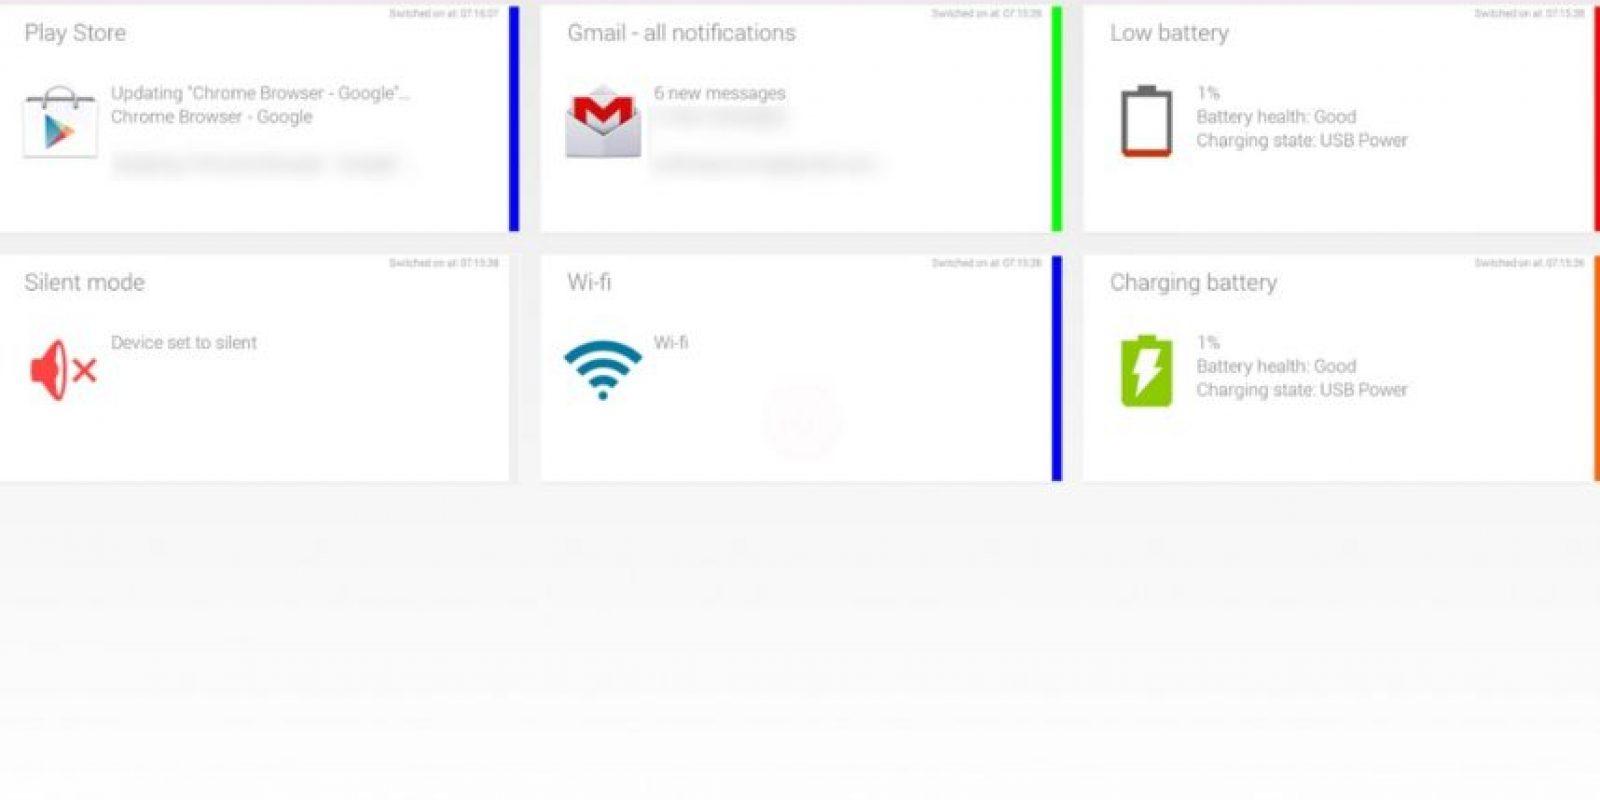 Permite elegir un color para cada aplicación, por lo que cuando vean parpadeando la luz, sabrán exactamente de qué app es la notificación. Foto:Reactle